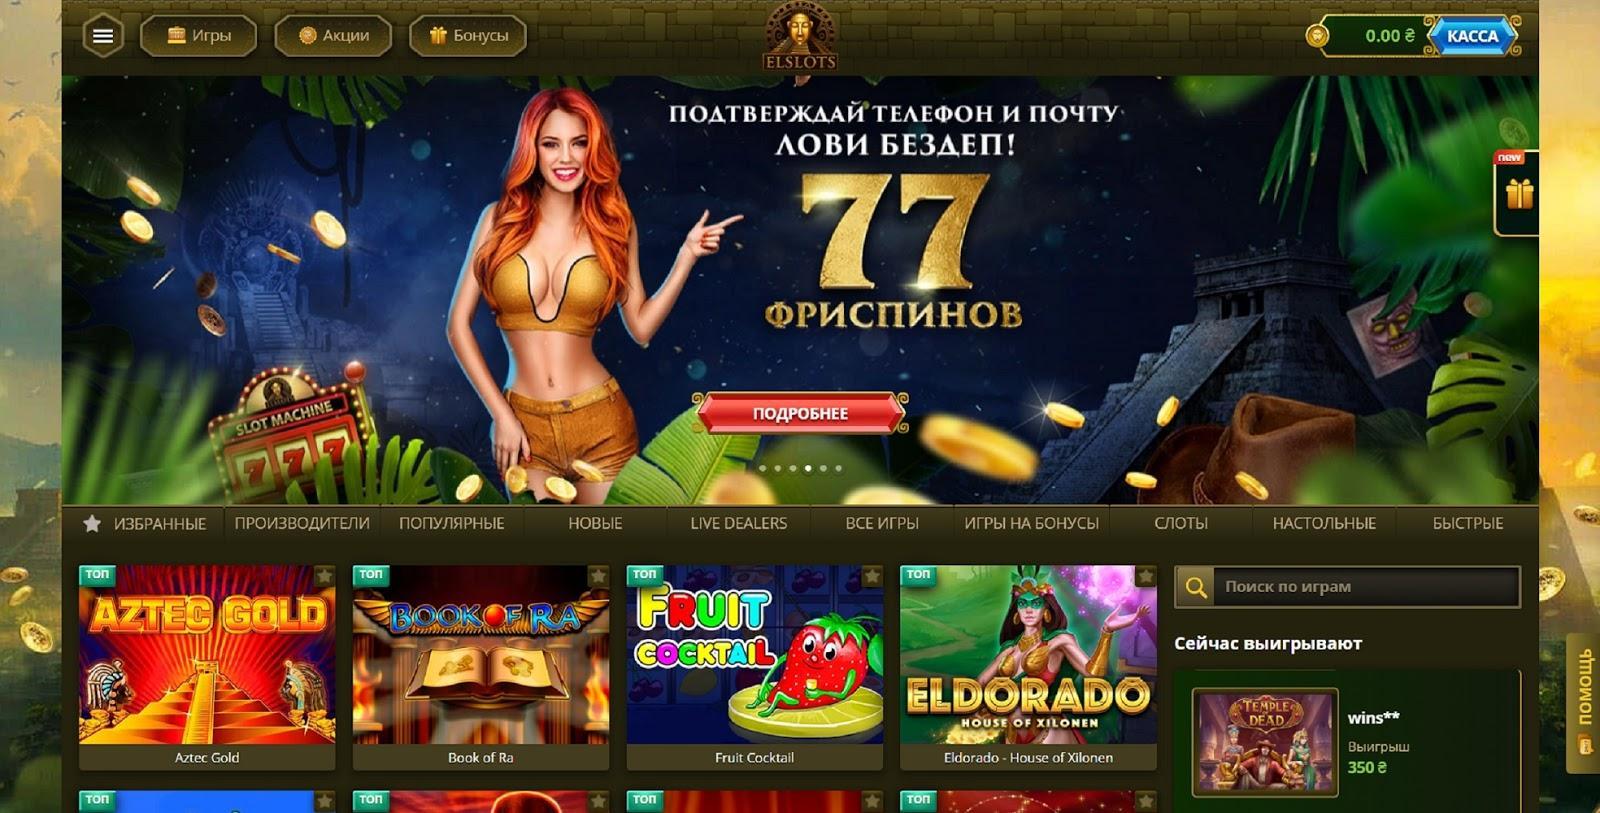 рулетка на бонусы, казино Эльслотс, игровые автоматы, интернет-казино